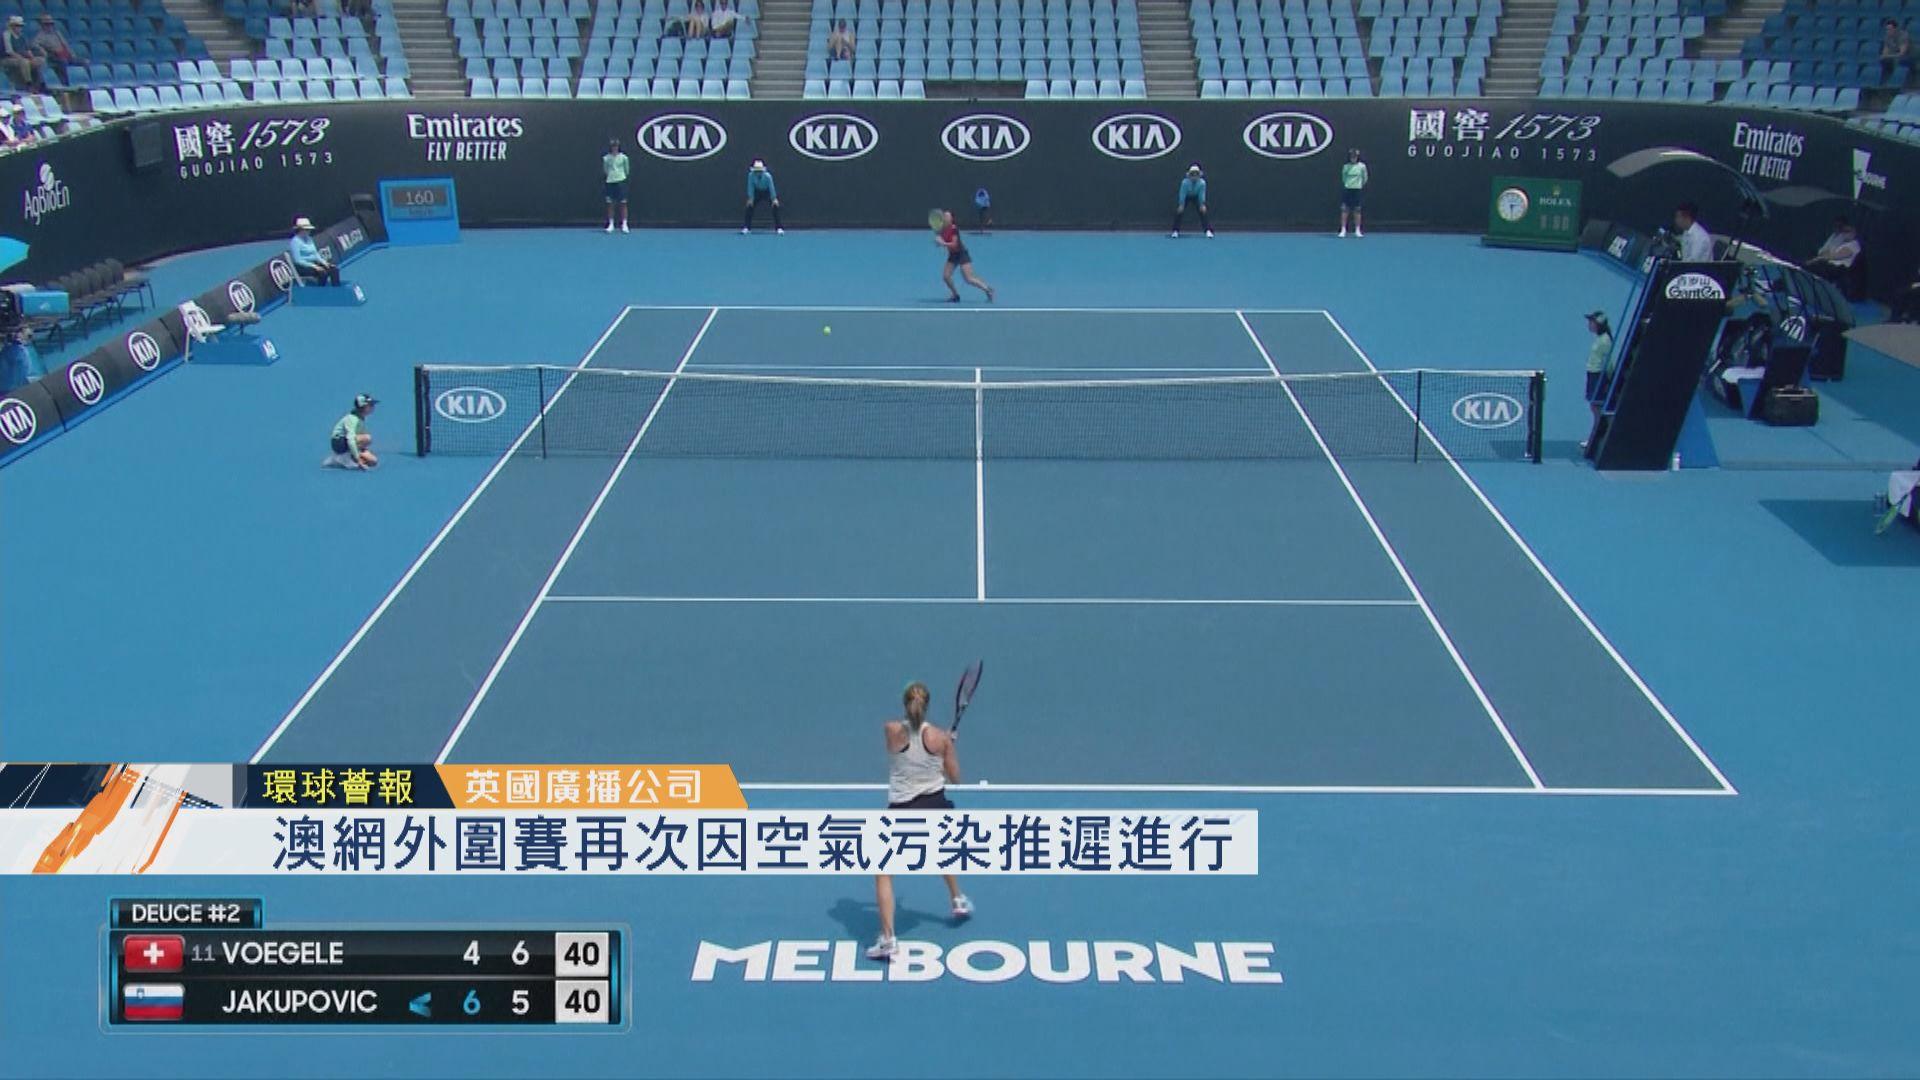 【環球薈報】澳網外圍賽再次因空氣污染推遲進行